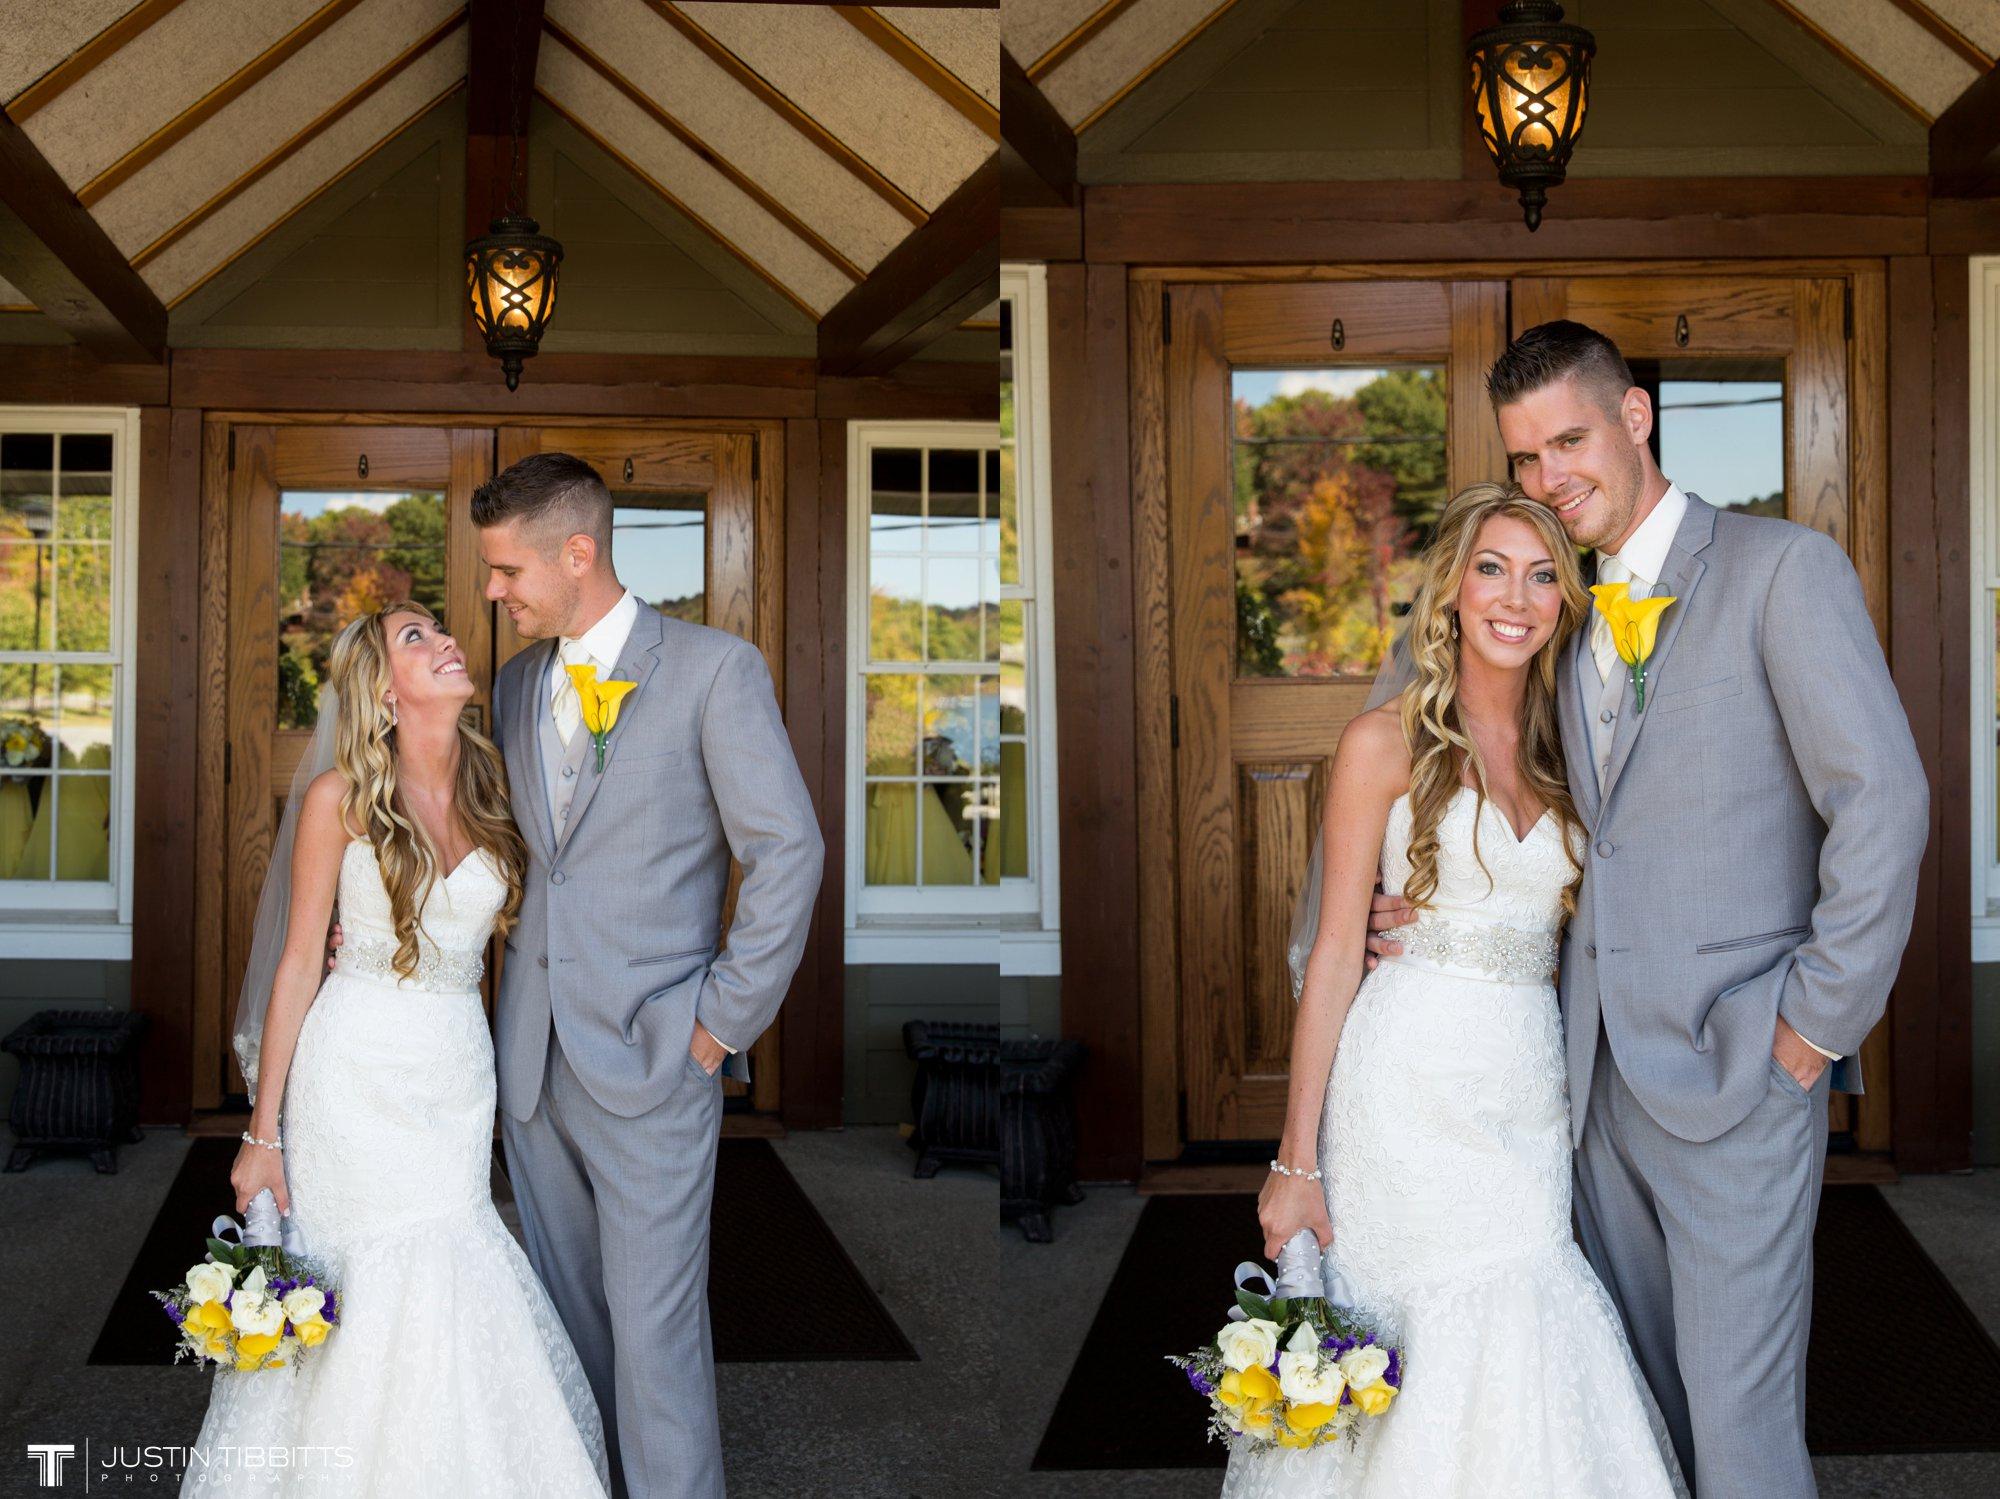 Albany NY Wedding Photographer Justin Tibbitts Photography 2014 Best of Albany NY Weddings-869687